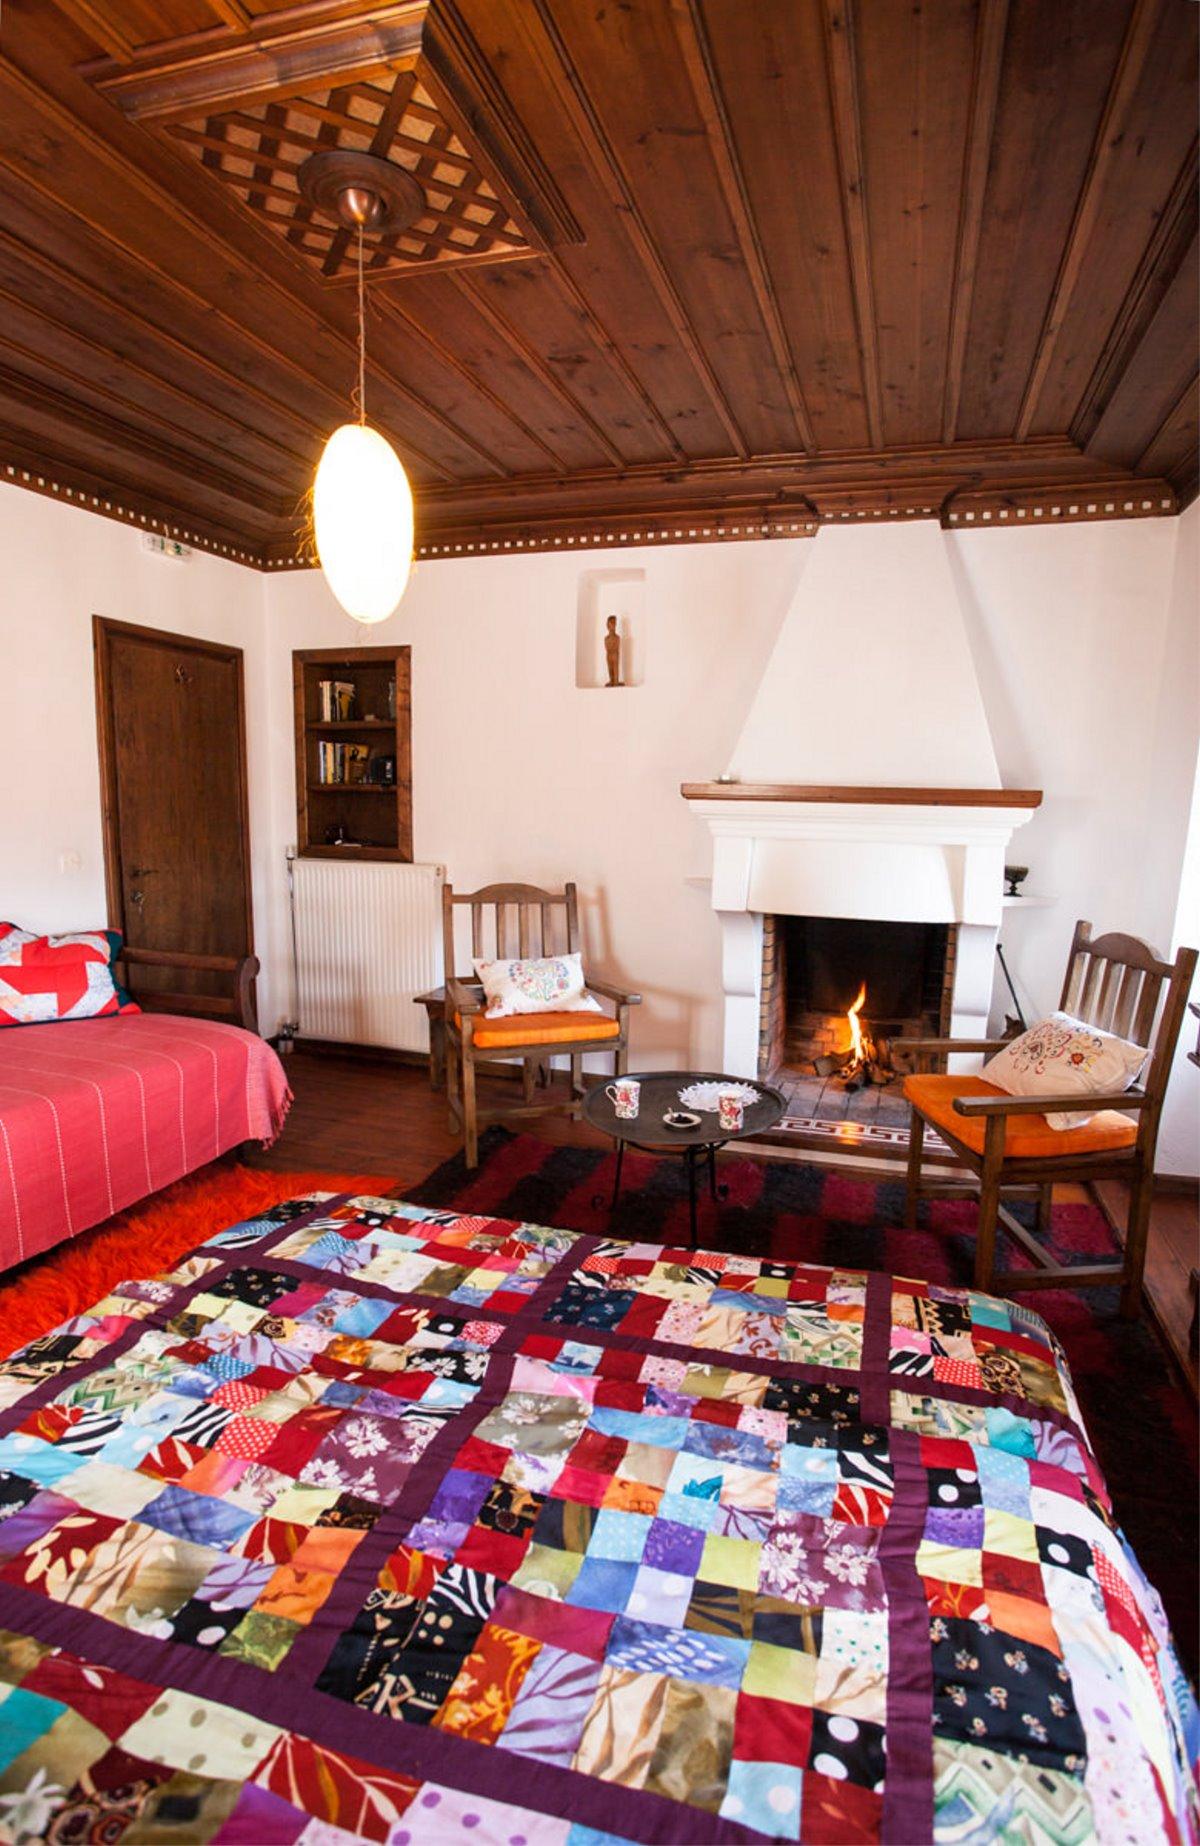 Ξενώνας Μπελλαίικο Στεμνίτσα δωμάτιο με τζάκι κοντινό